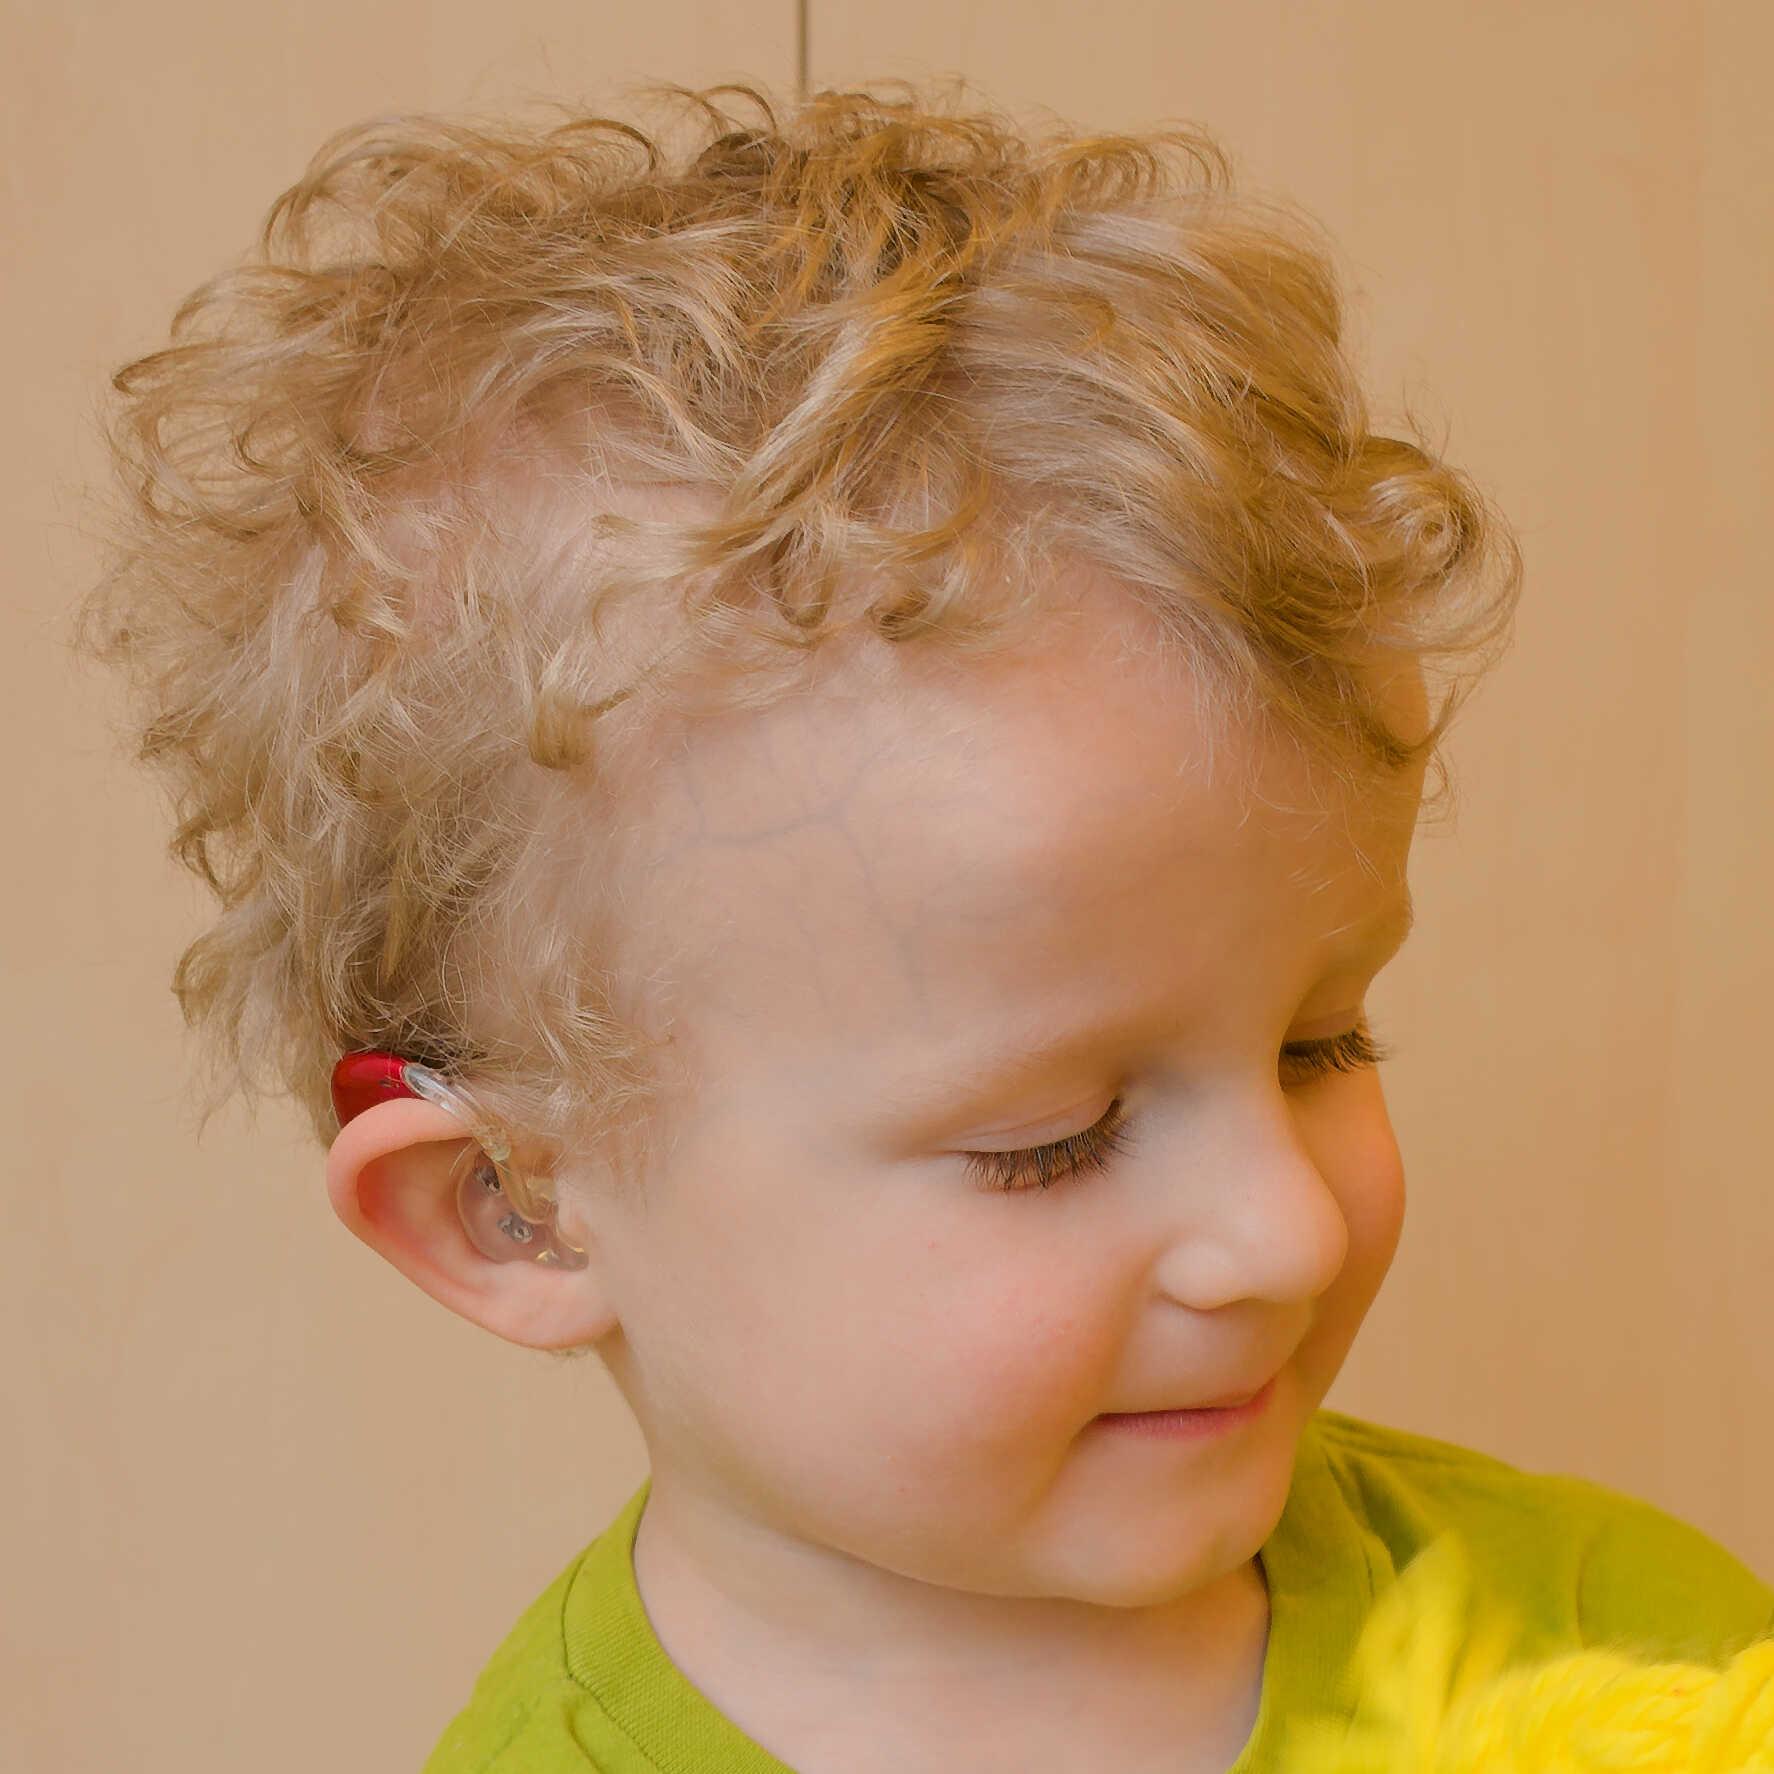 dziecko z aparatem słuchowym